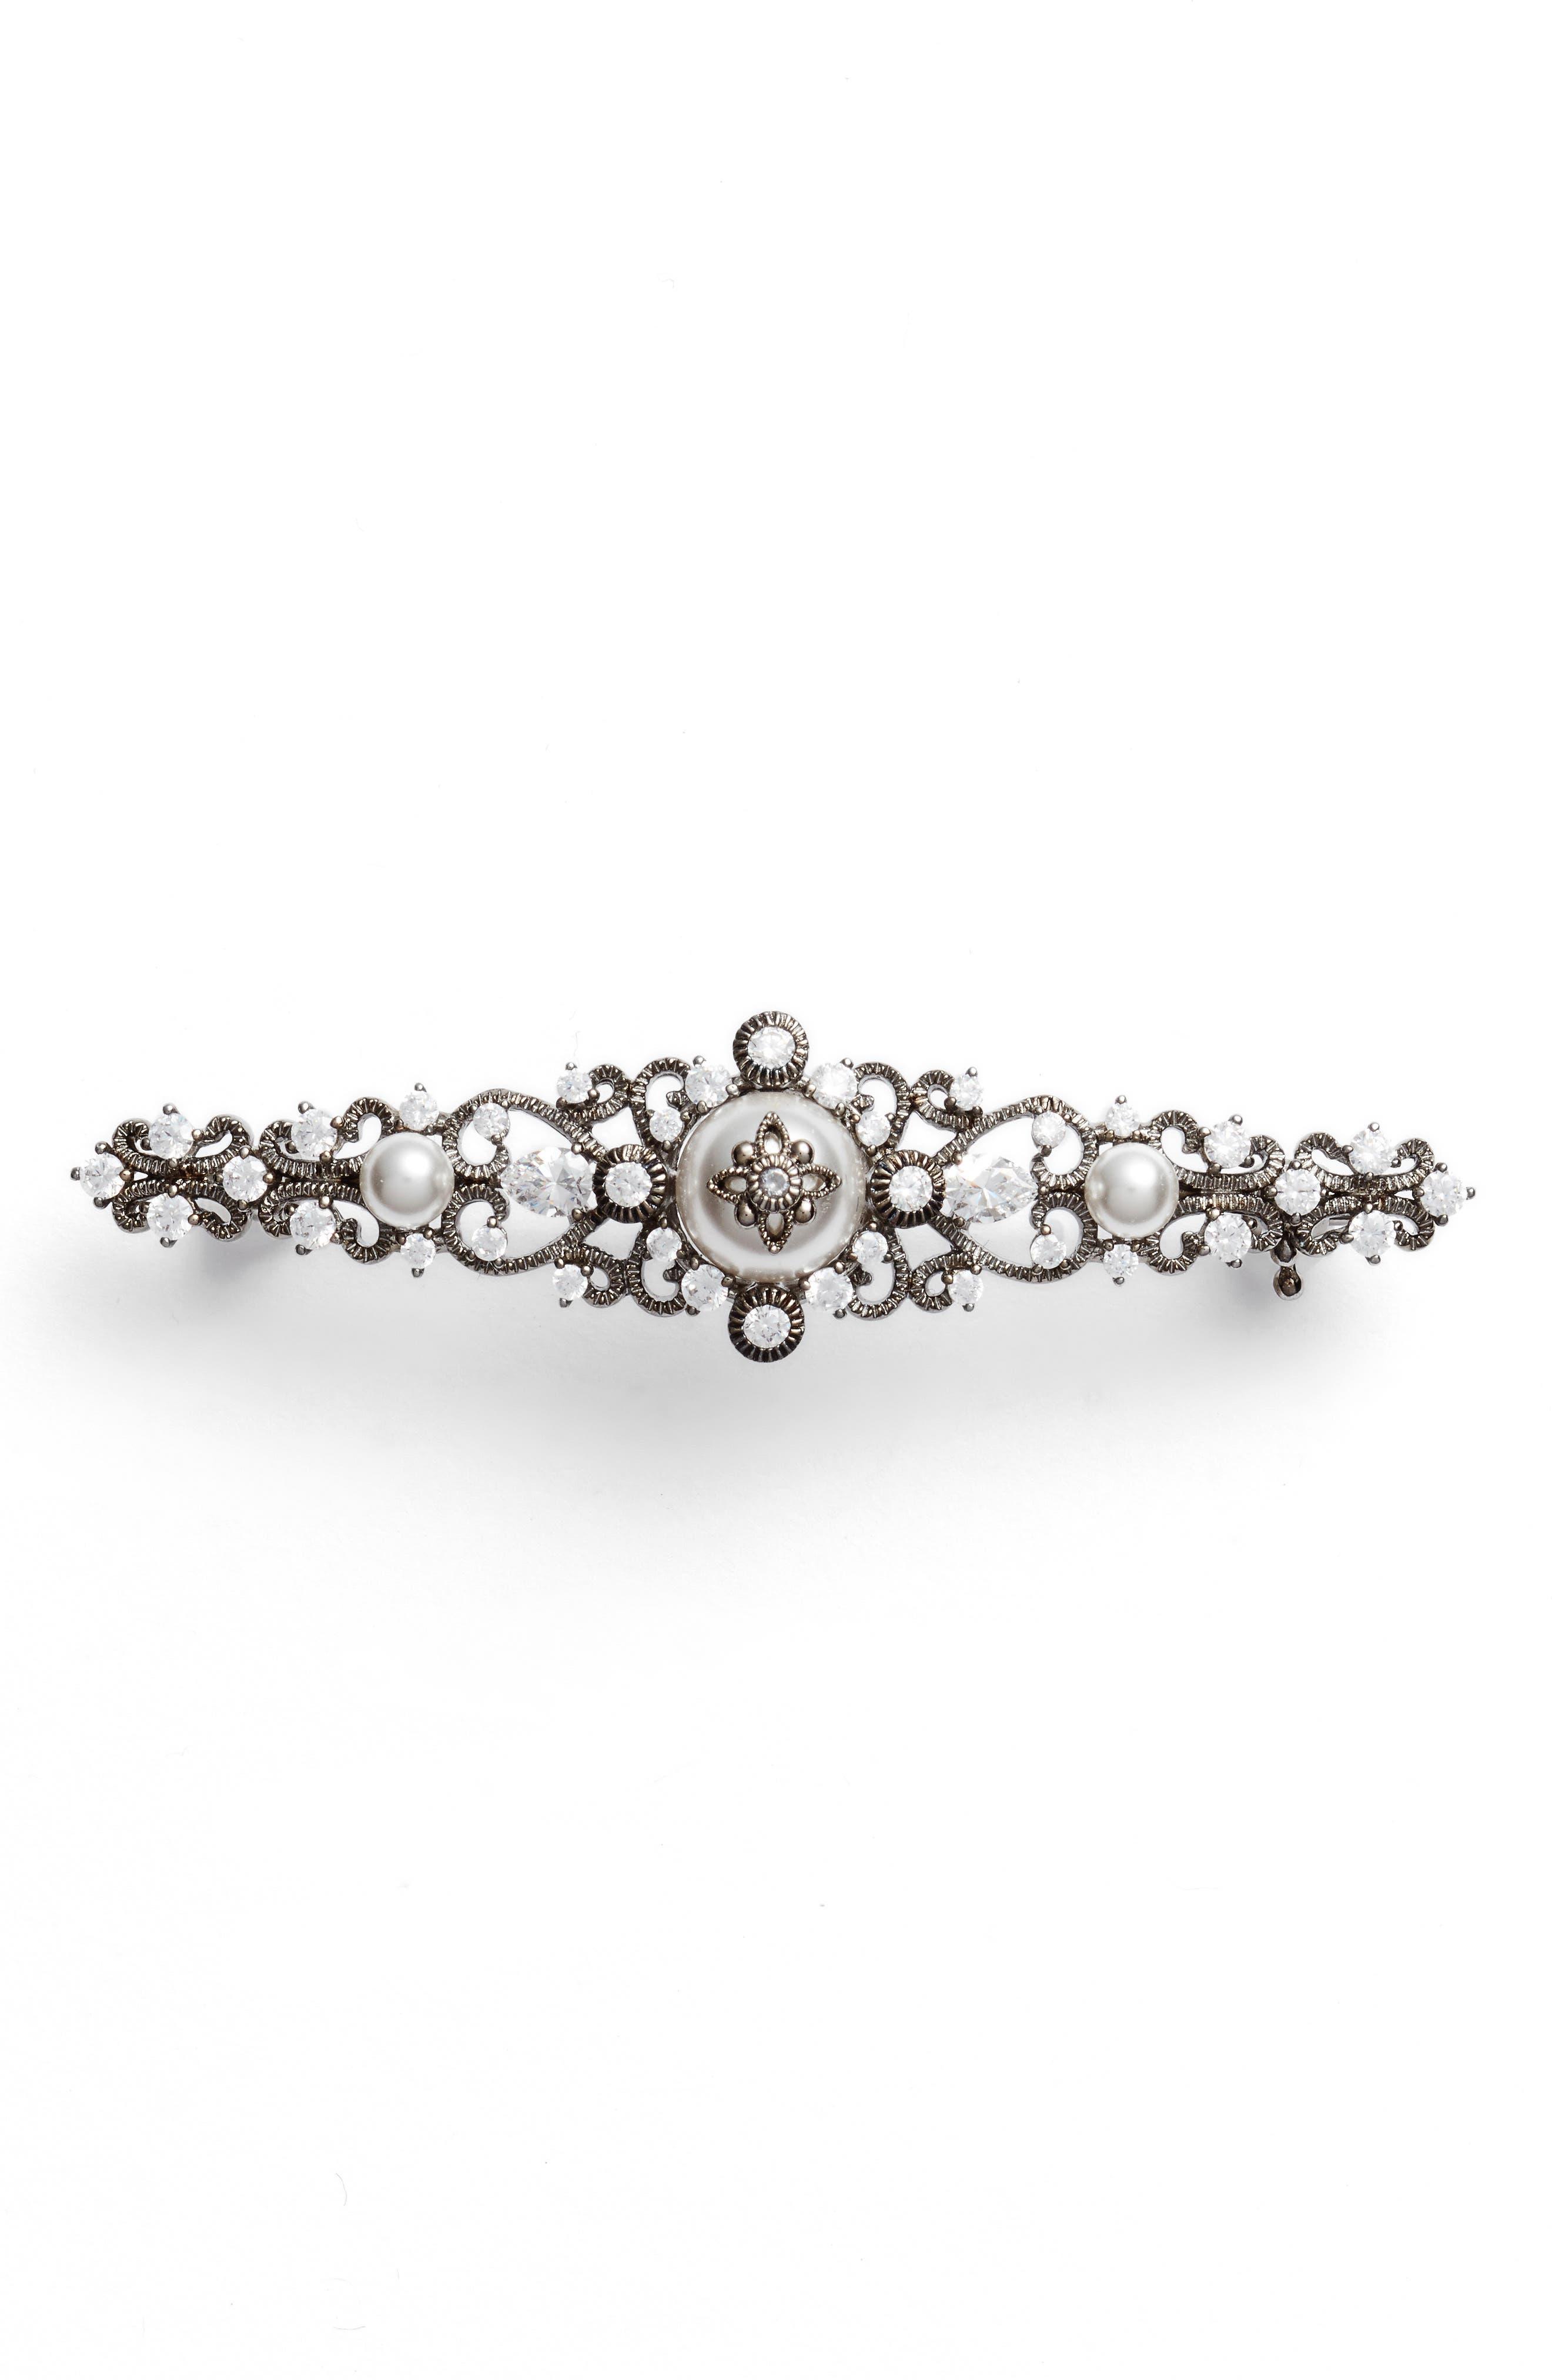 Main Image - Nadri Imitation Pearl & Crystal Pin